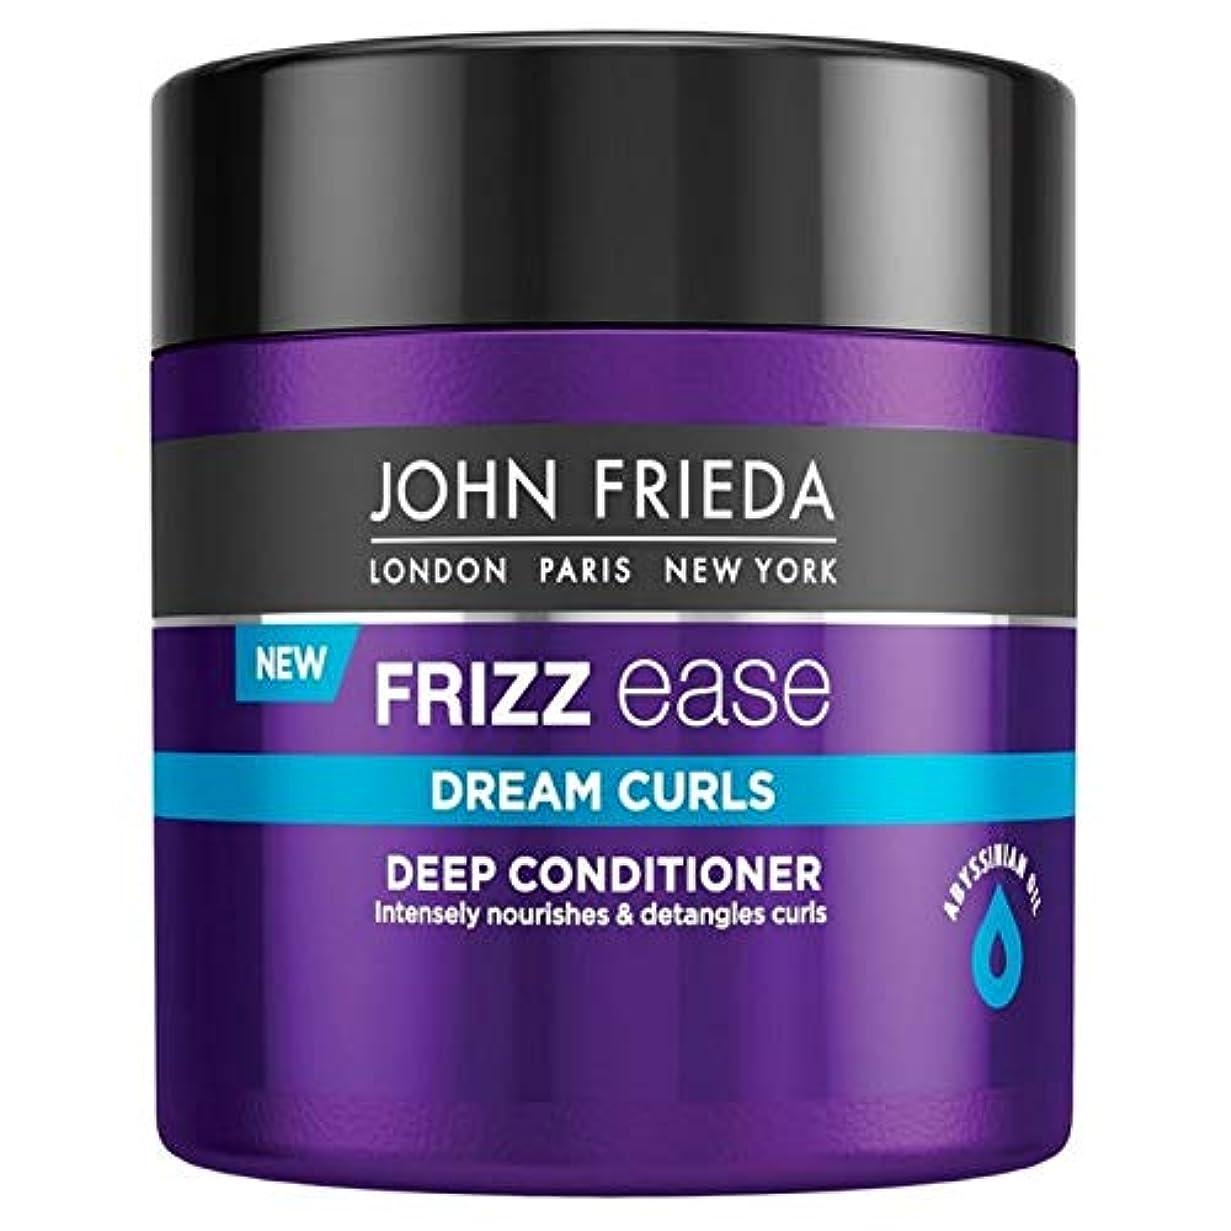 ディレクトリ小人レイア[John Frieda ] ジョン?フリーダ縮れ容易夢カール深いコンディショナー150ミリリットル - John Frieda Frizz Ease Dream Curls Deep Conditioner 150ml...